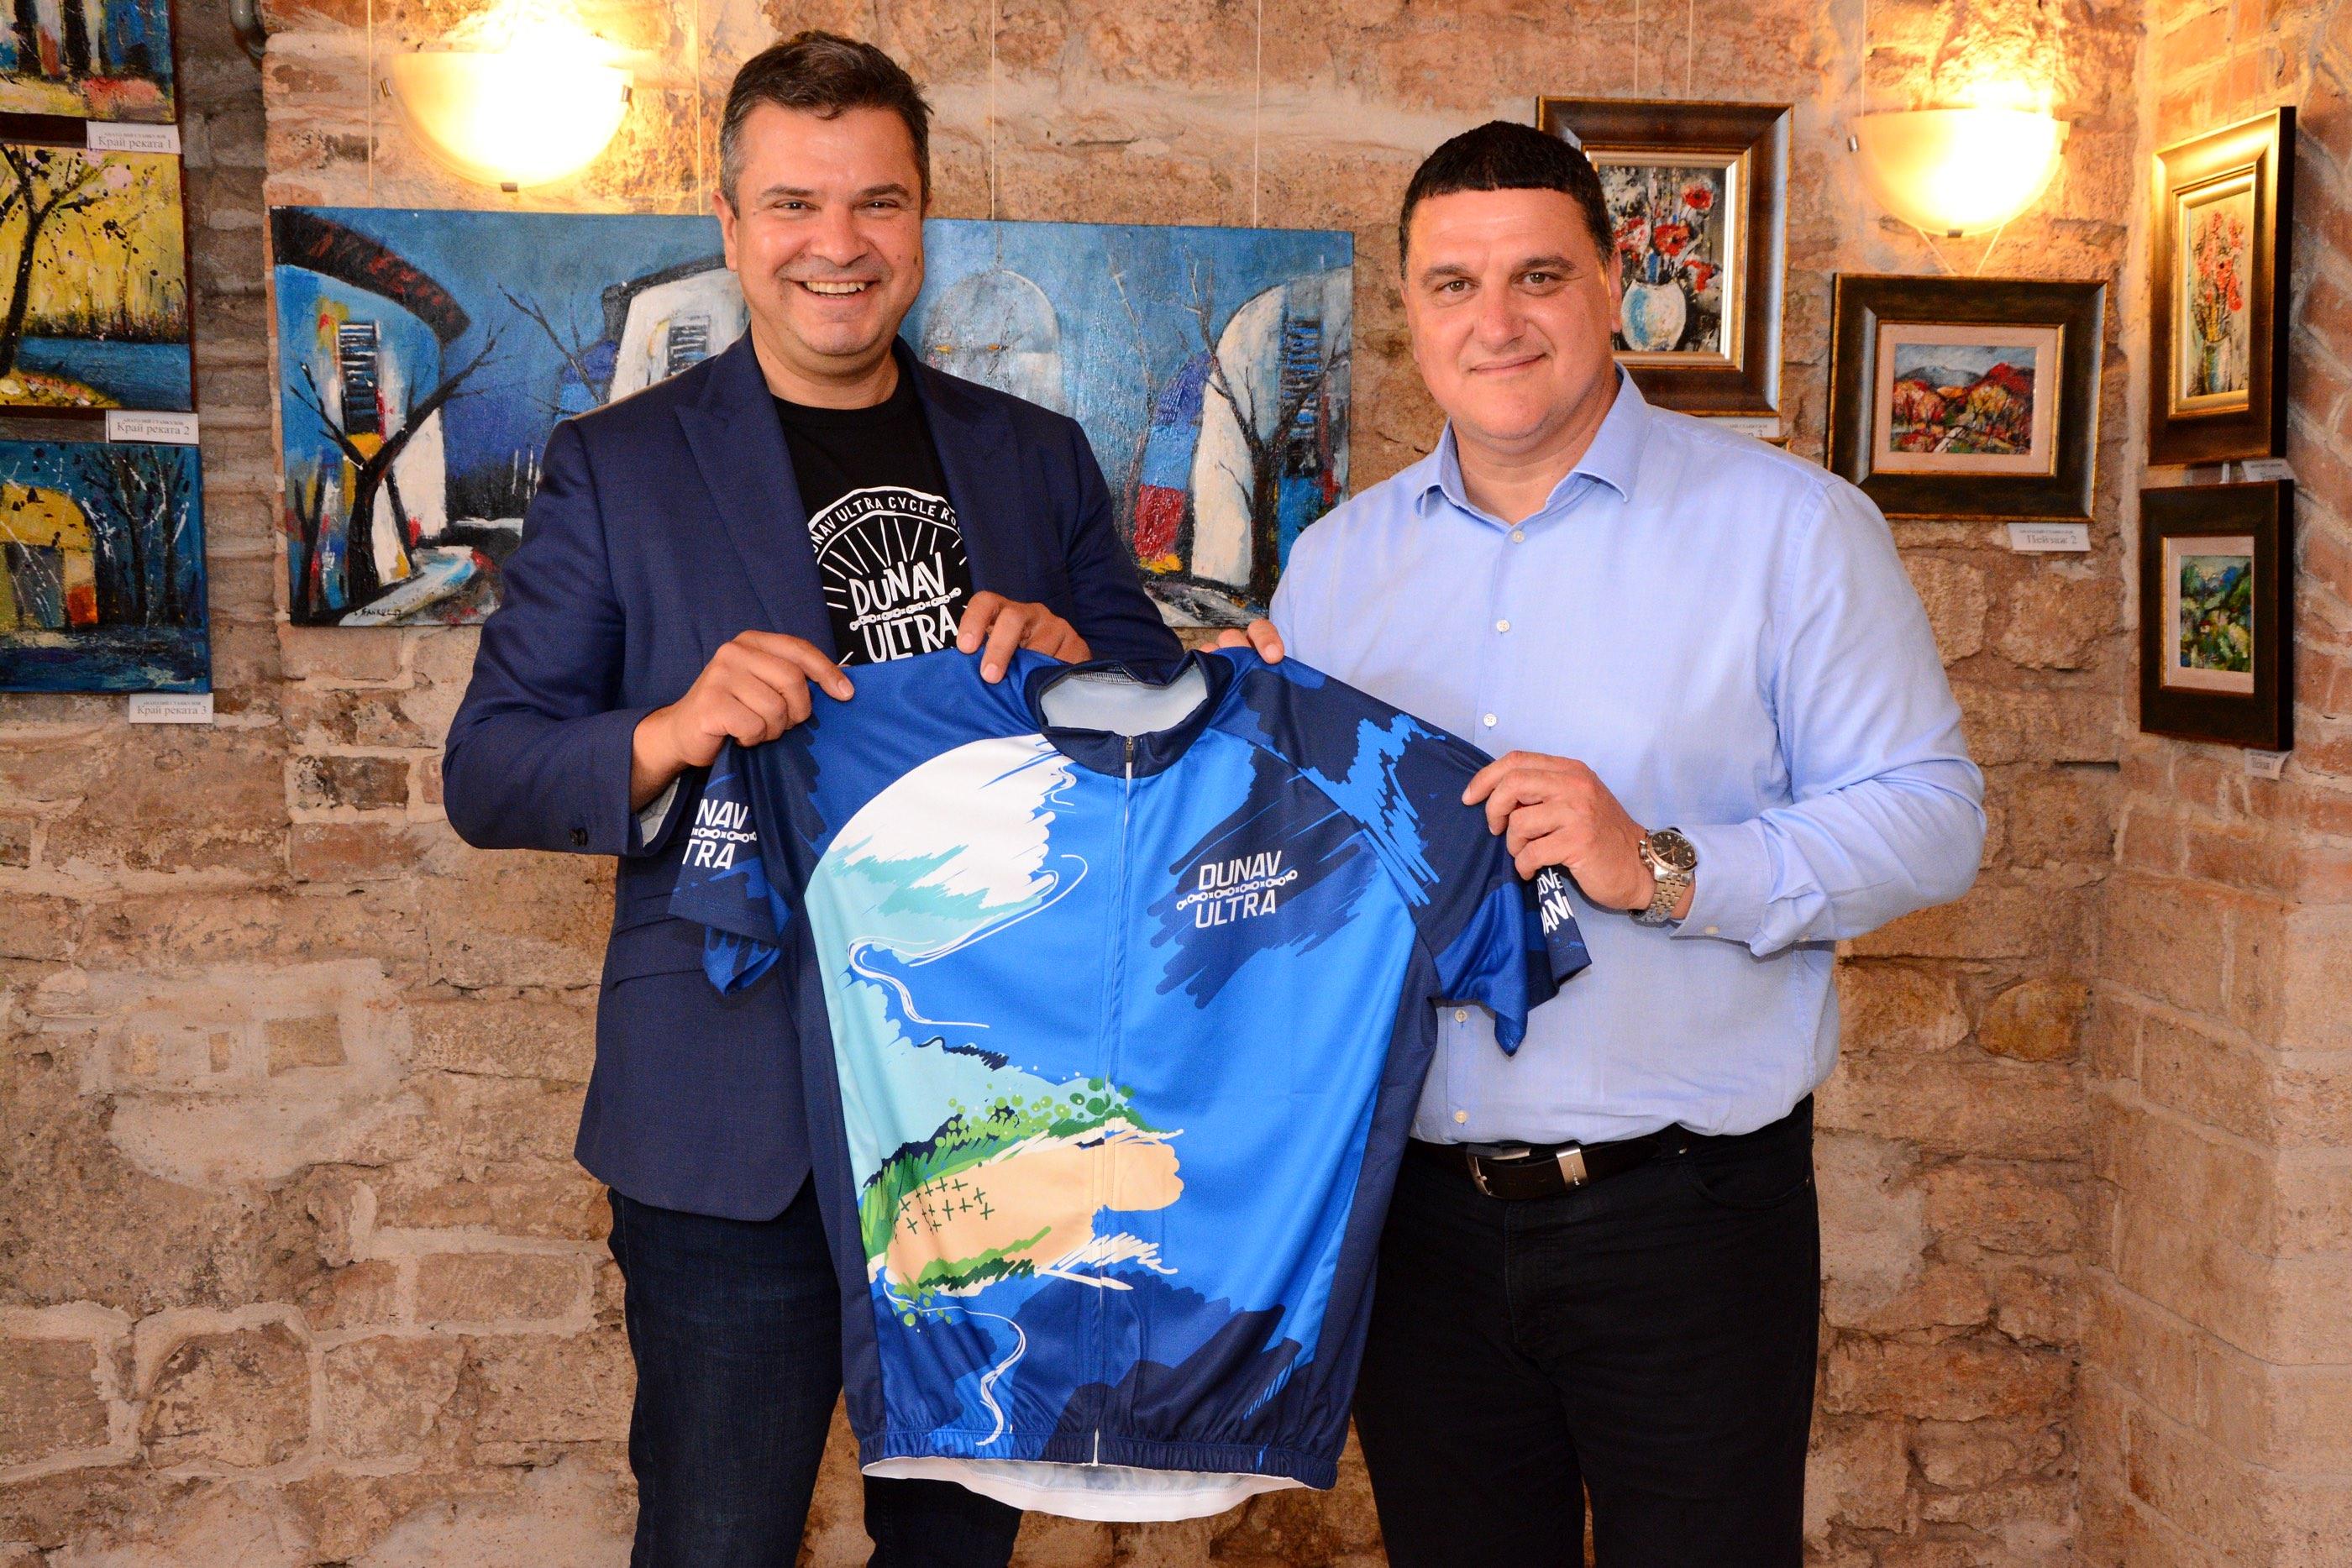 Дунав Ултра показа за първи път колоездачното си джърси в Оряхово